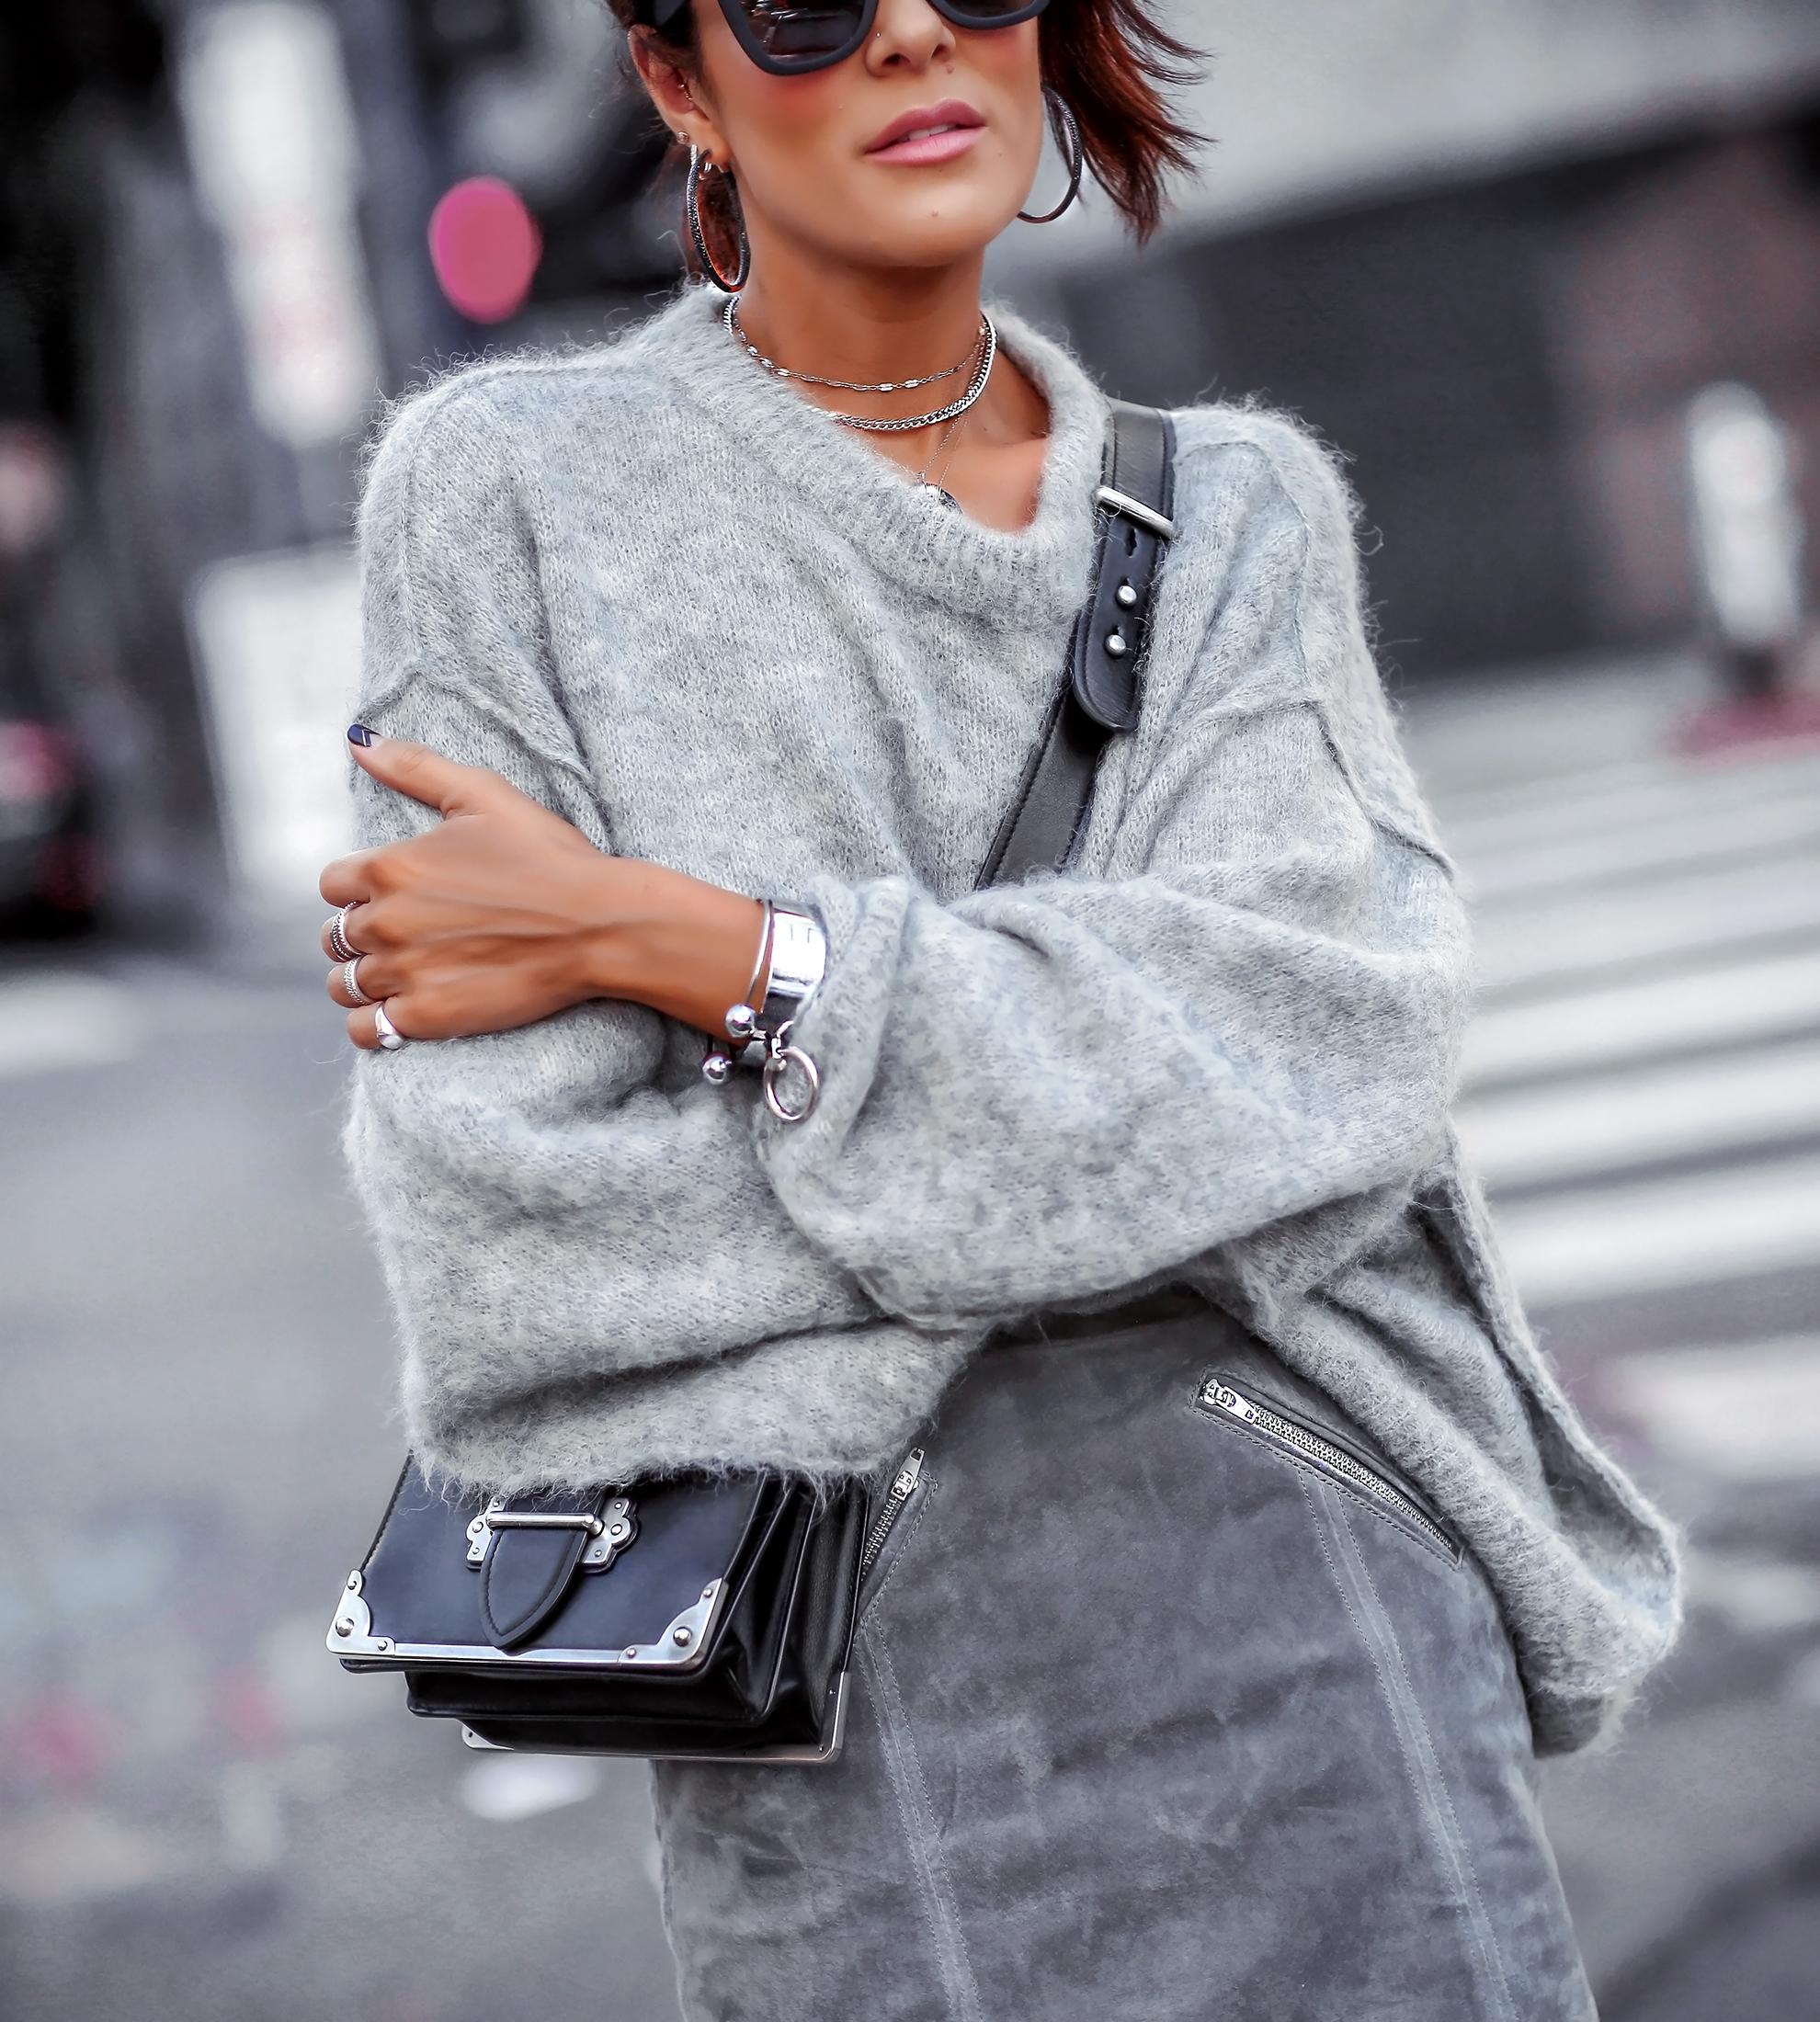 Brunette Woman in All Grey Monochrome Fall Sweater